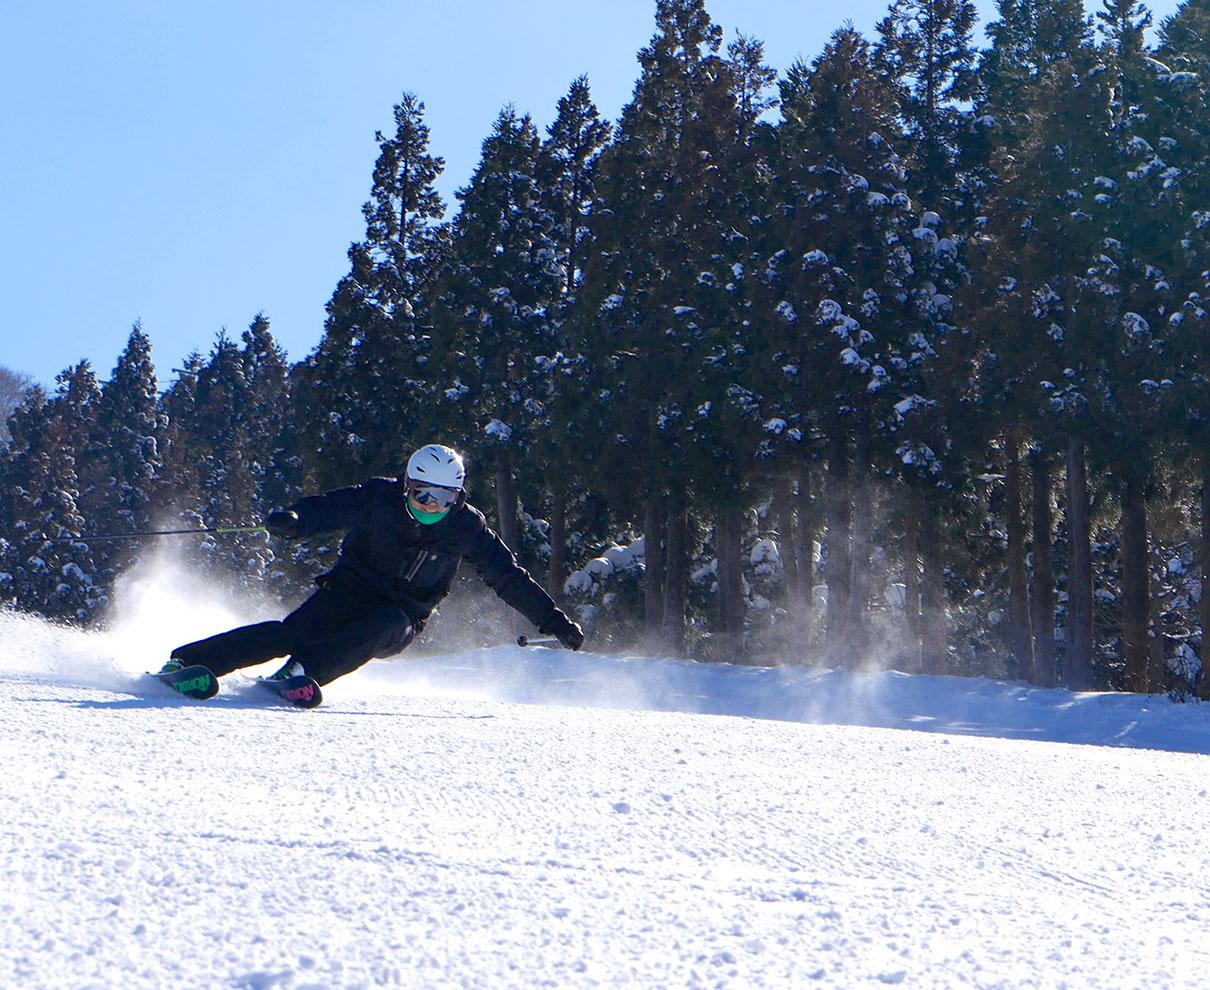 【~3/31】福井県民限定!スキー&スケート半額キャンペーンが期間延長で開催中。